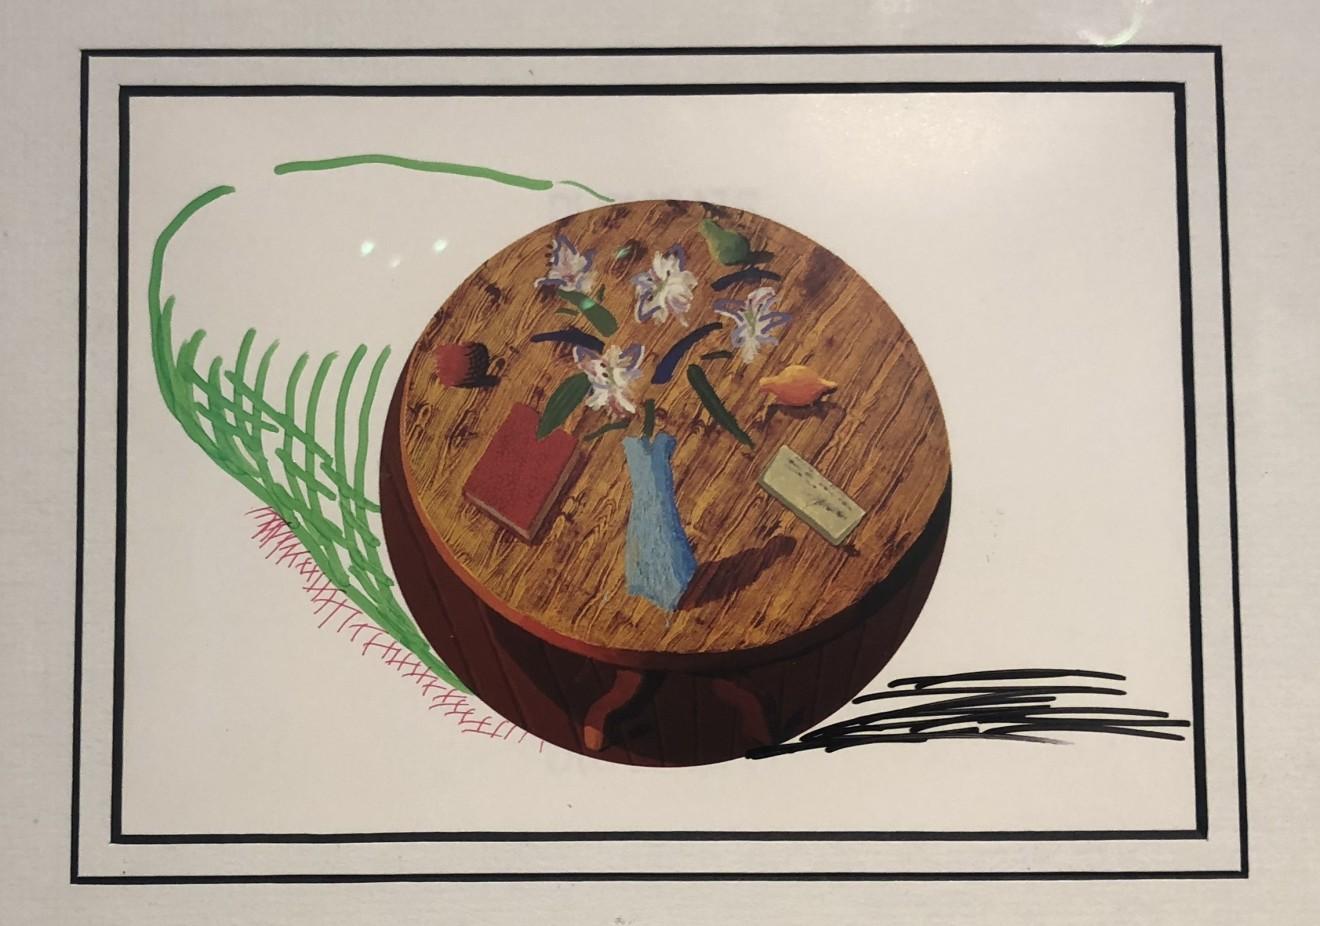 David Hockney, Hand Drawn Moving Ball Original David Hockney, 1988